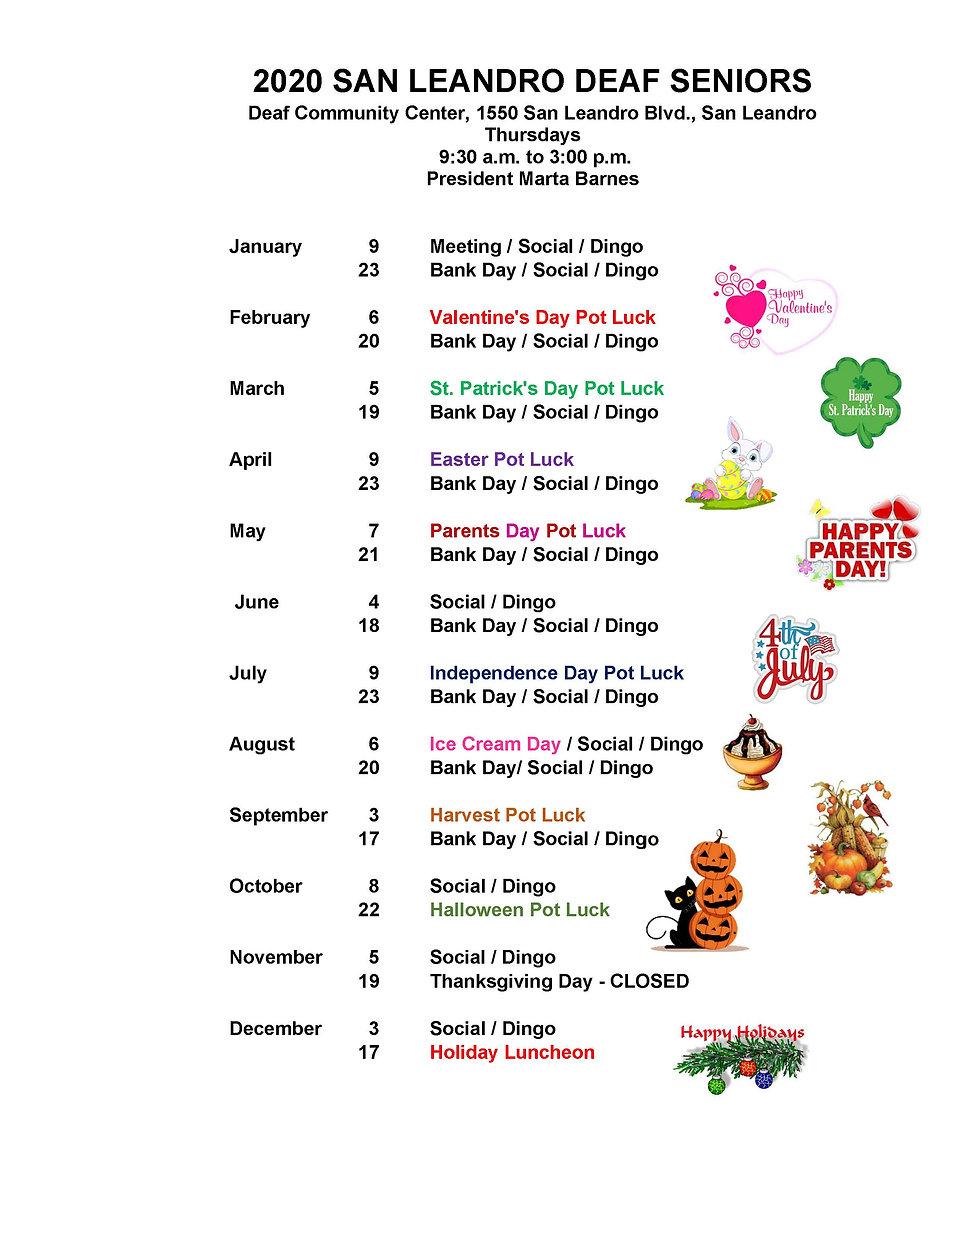 2020 San Leandro DSC Calendar.jpg